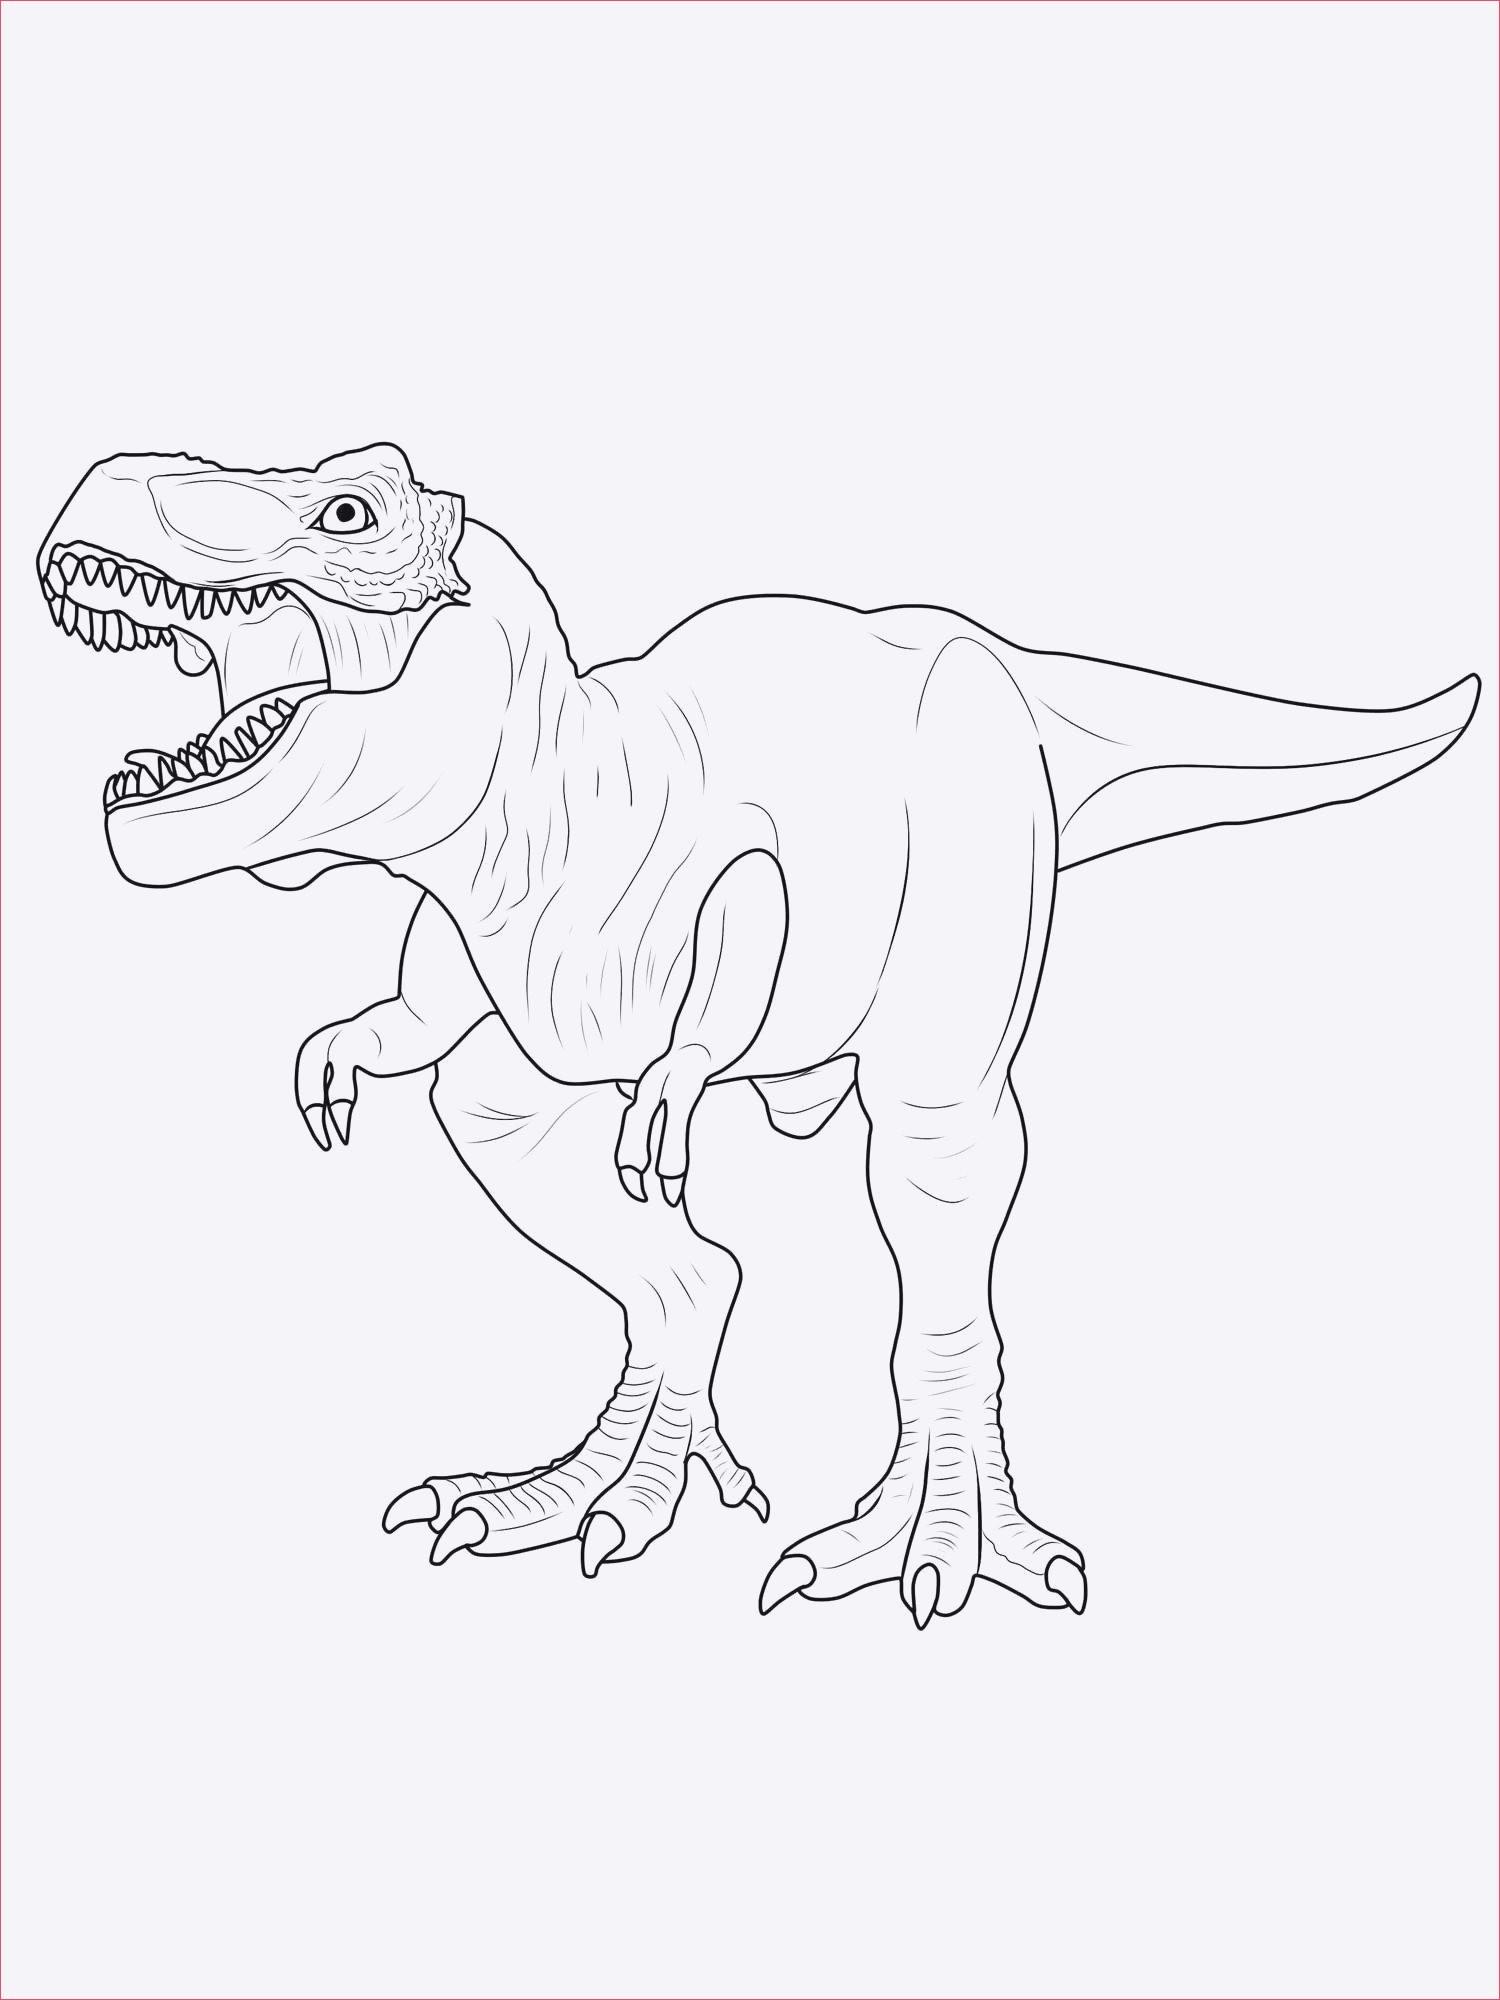 Steinzeit Bilder Zum Ausmalen Genial Ausmalbilder Steinzeit Tiere Bilder